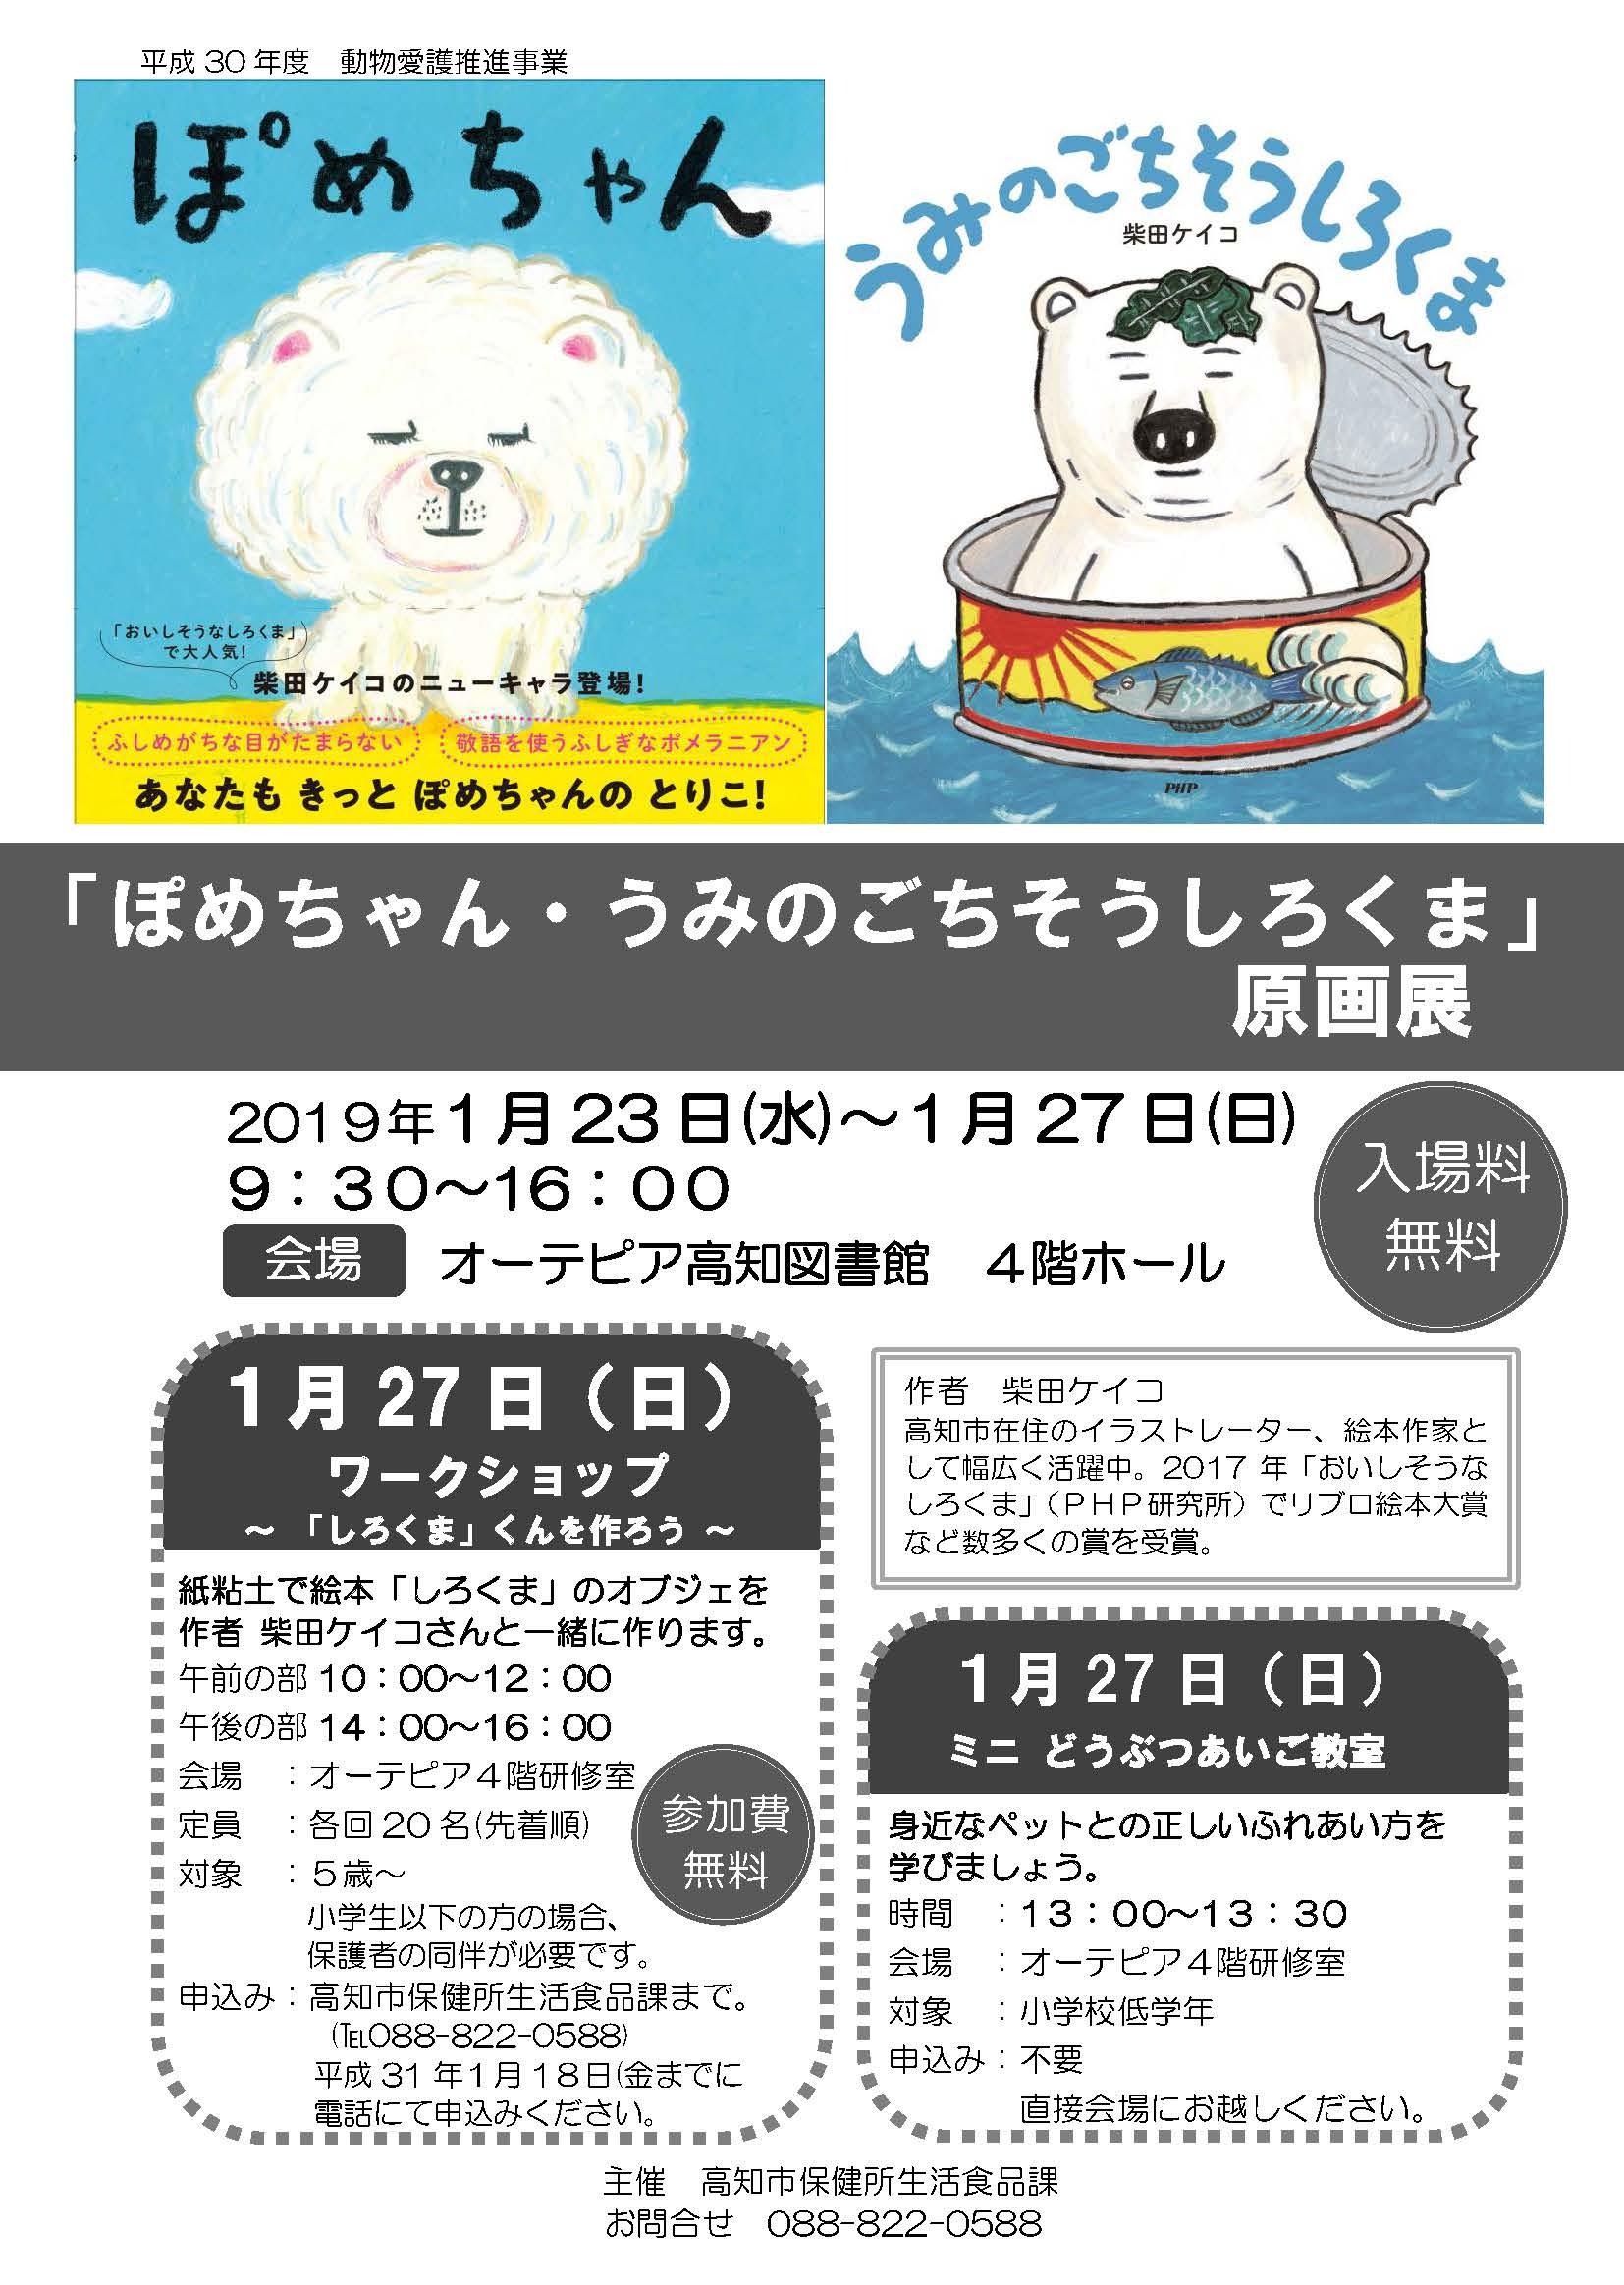 柴田ケイコ「ぽめちゃん」「うみのごちそうしろくま」原画展